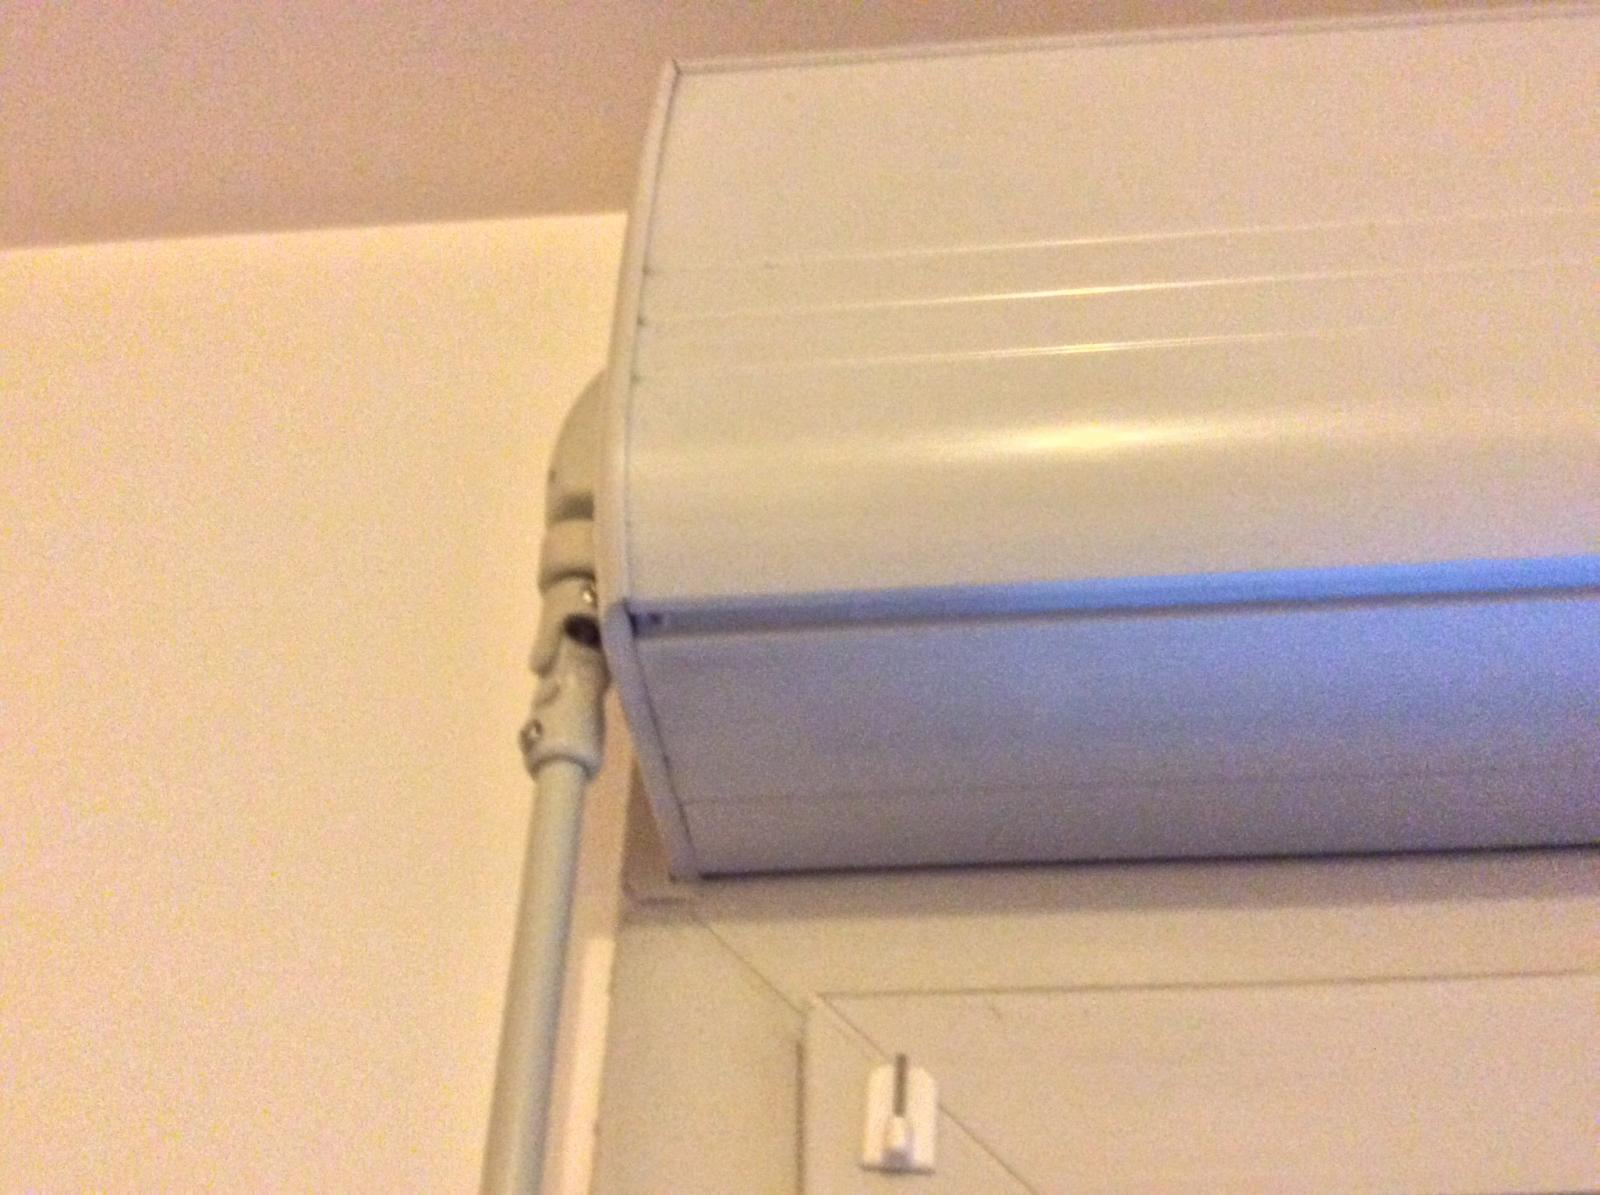 Comment faire pour ouvrir mon caisson de volet roulant - Caisson roula nt ...